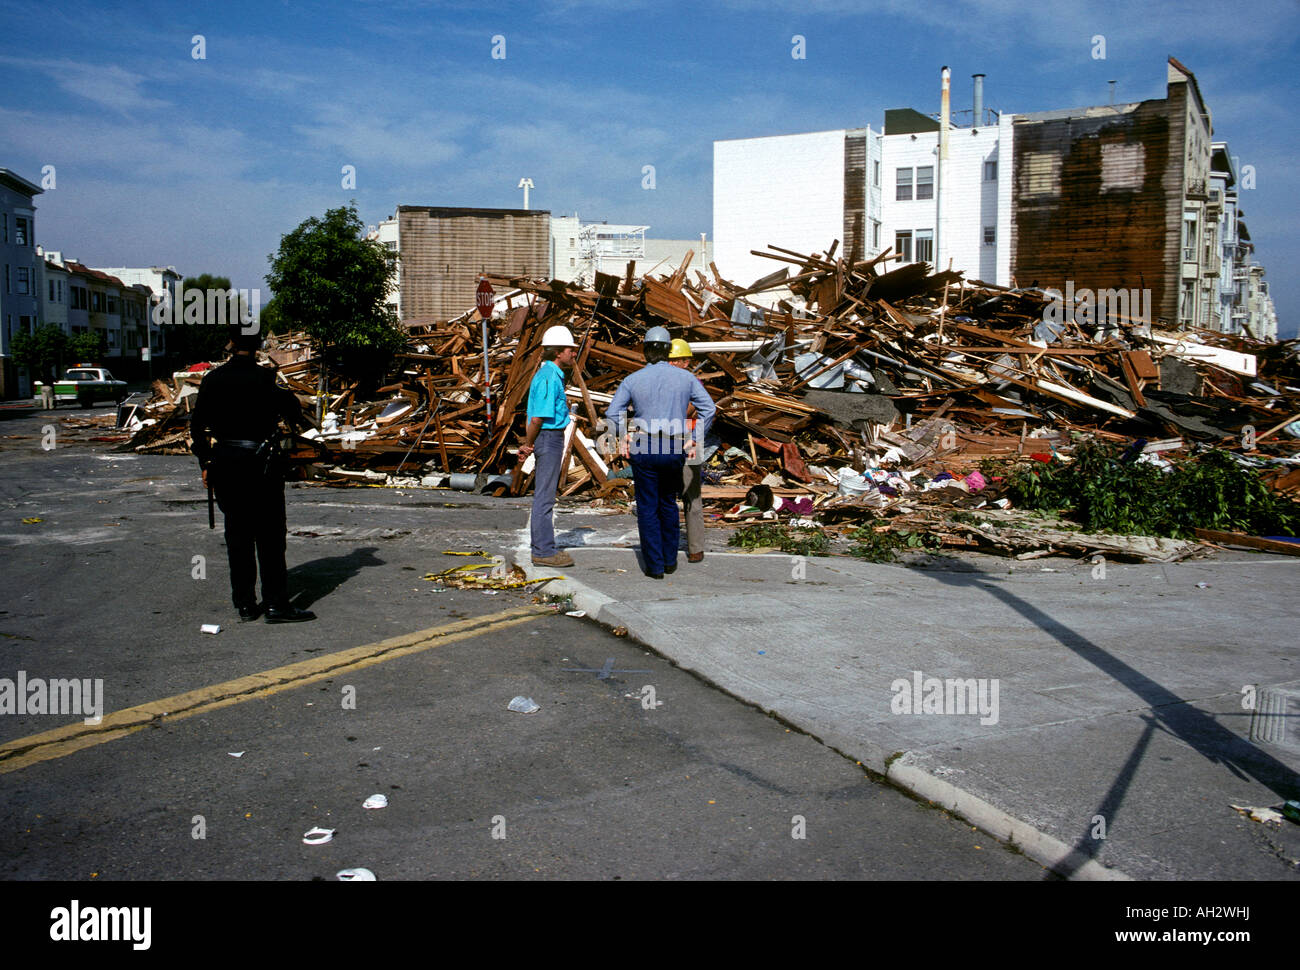 Oktober 17 1989 Loma Prieta Erdbeben Schäden Loma Prieta Erdbeben